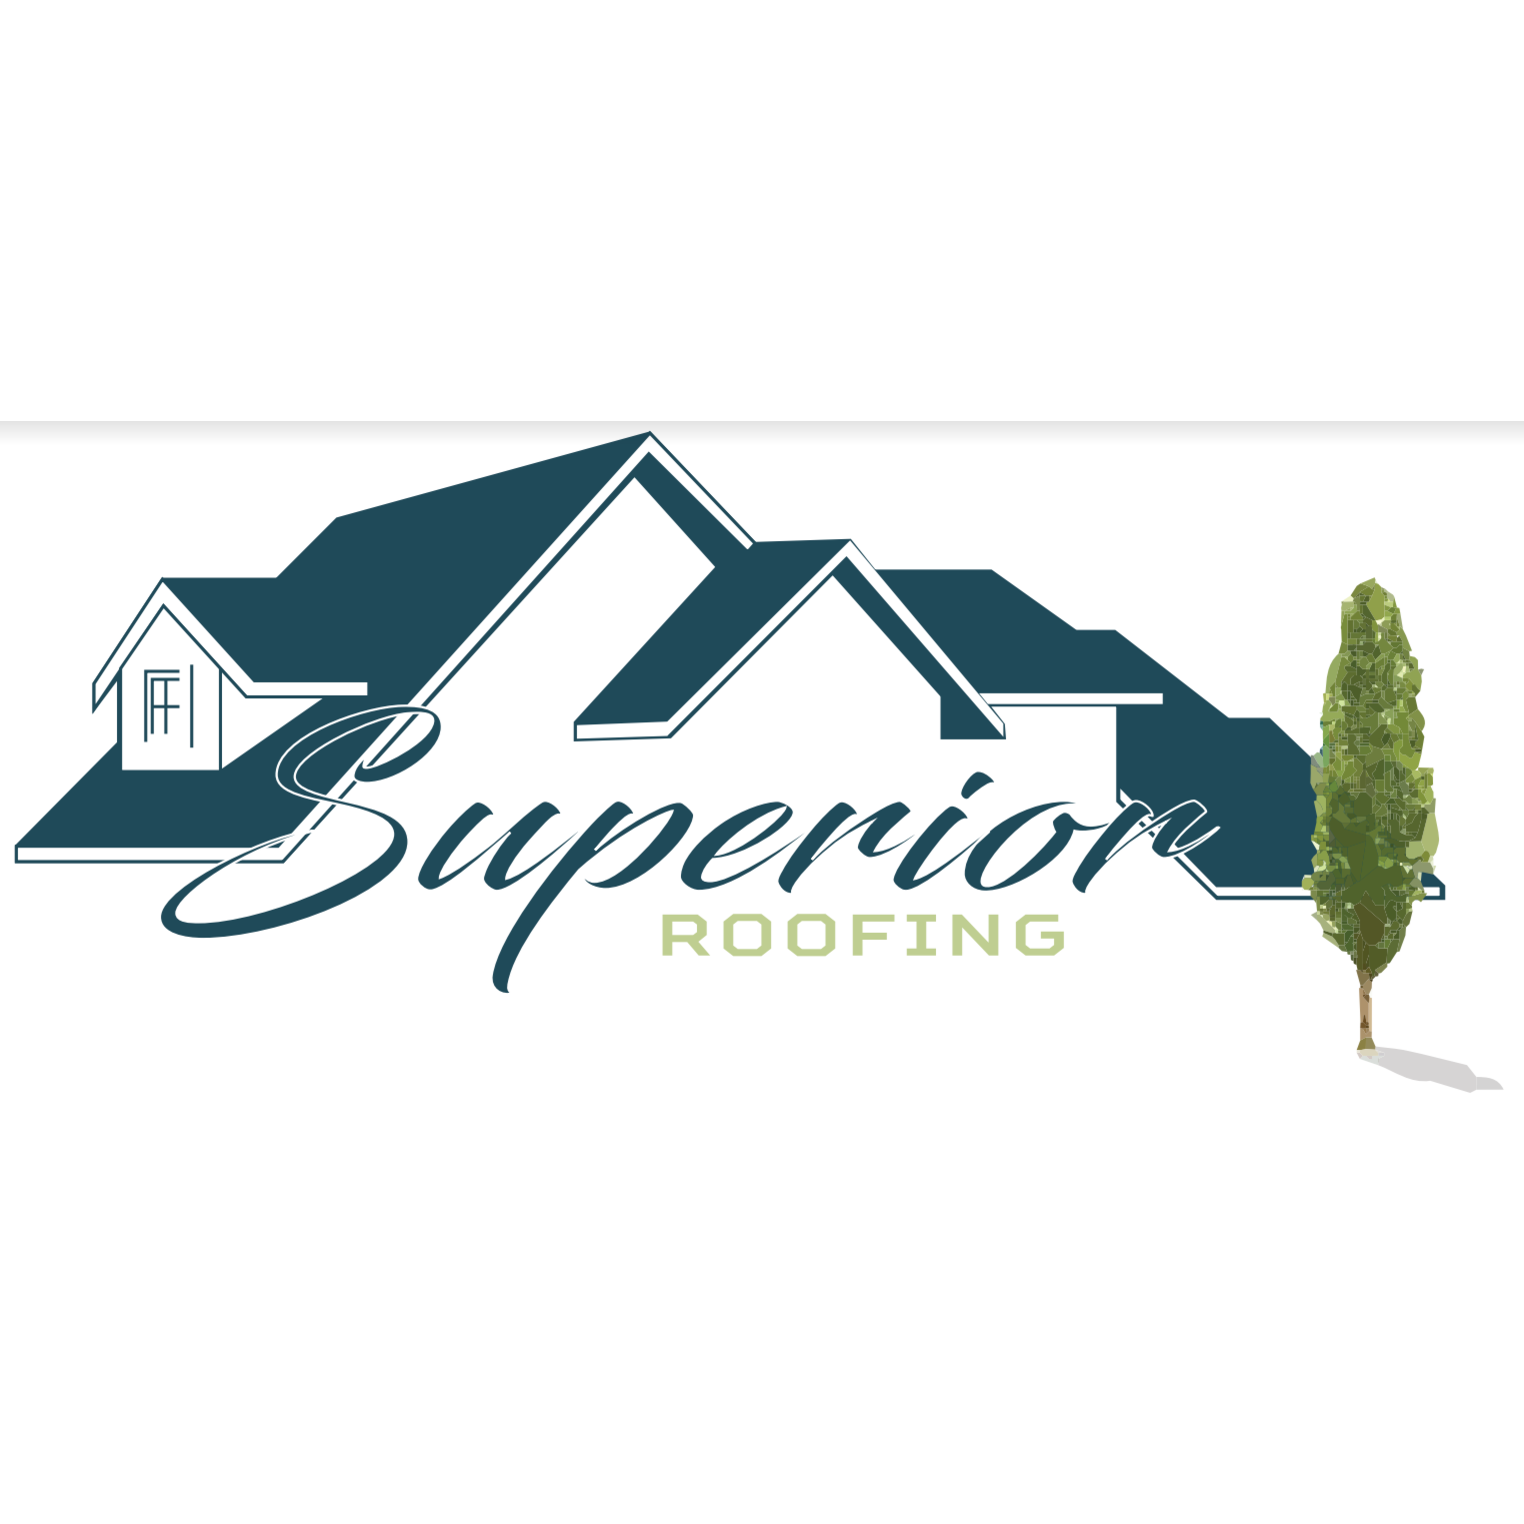 Superior Roofing Auburn